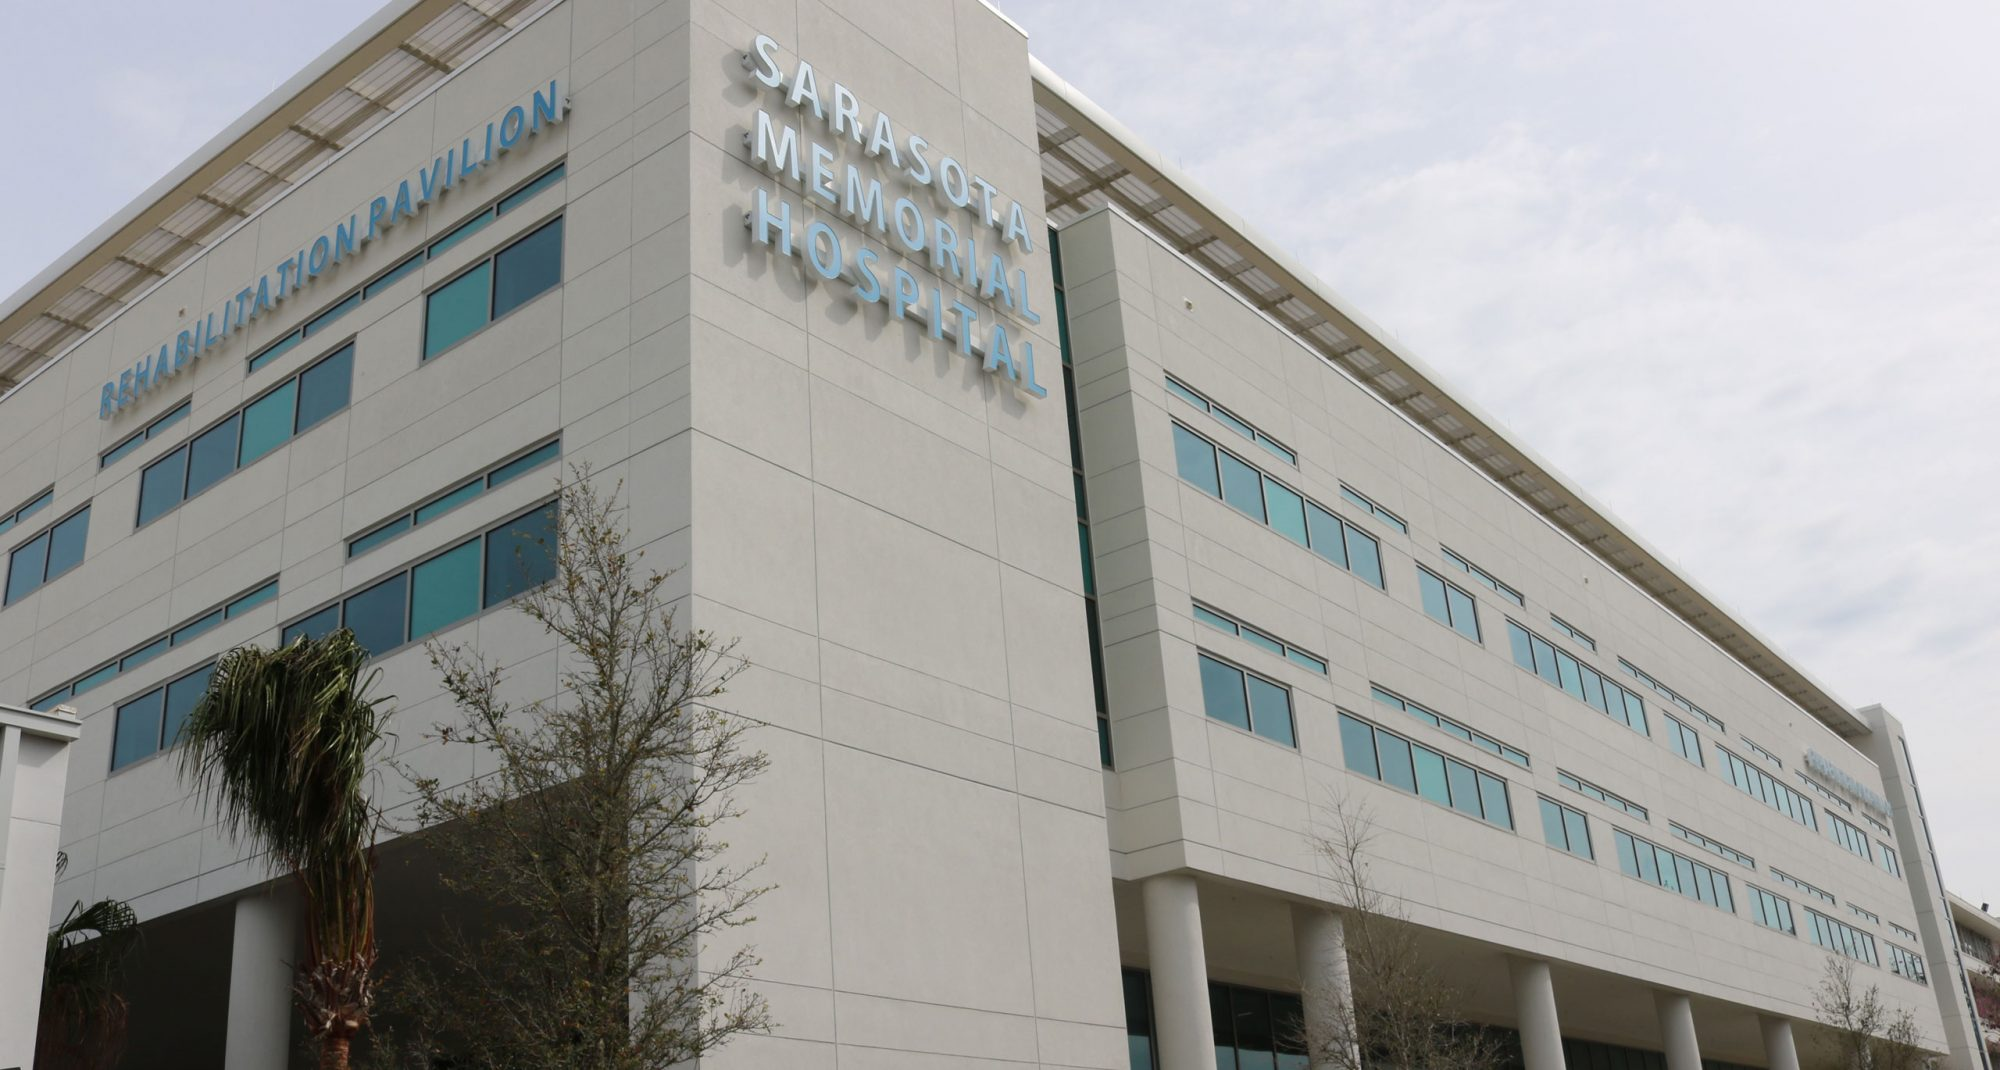 Sarasota Memorial Hospital Rehab Center